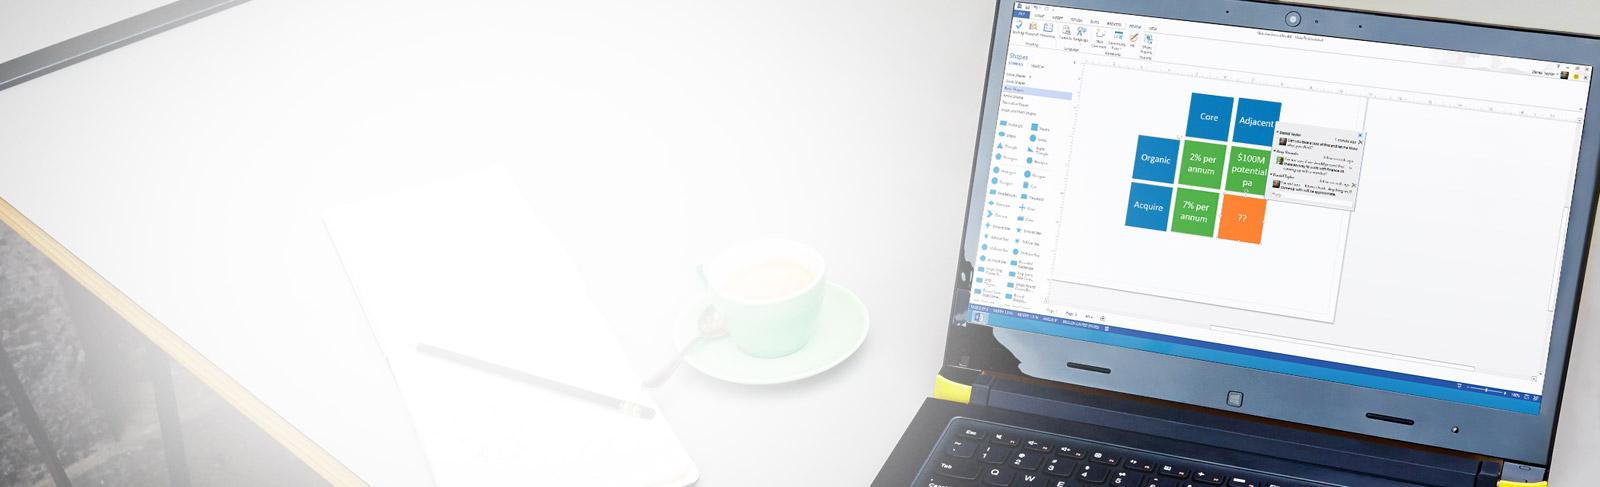 Een geopende laptop waarop Visio Standard 2013 wordt gebruikt.